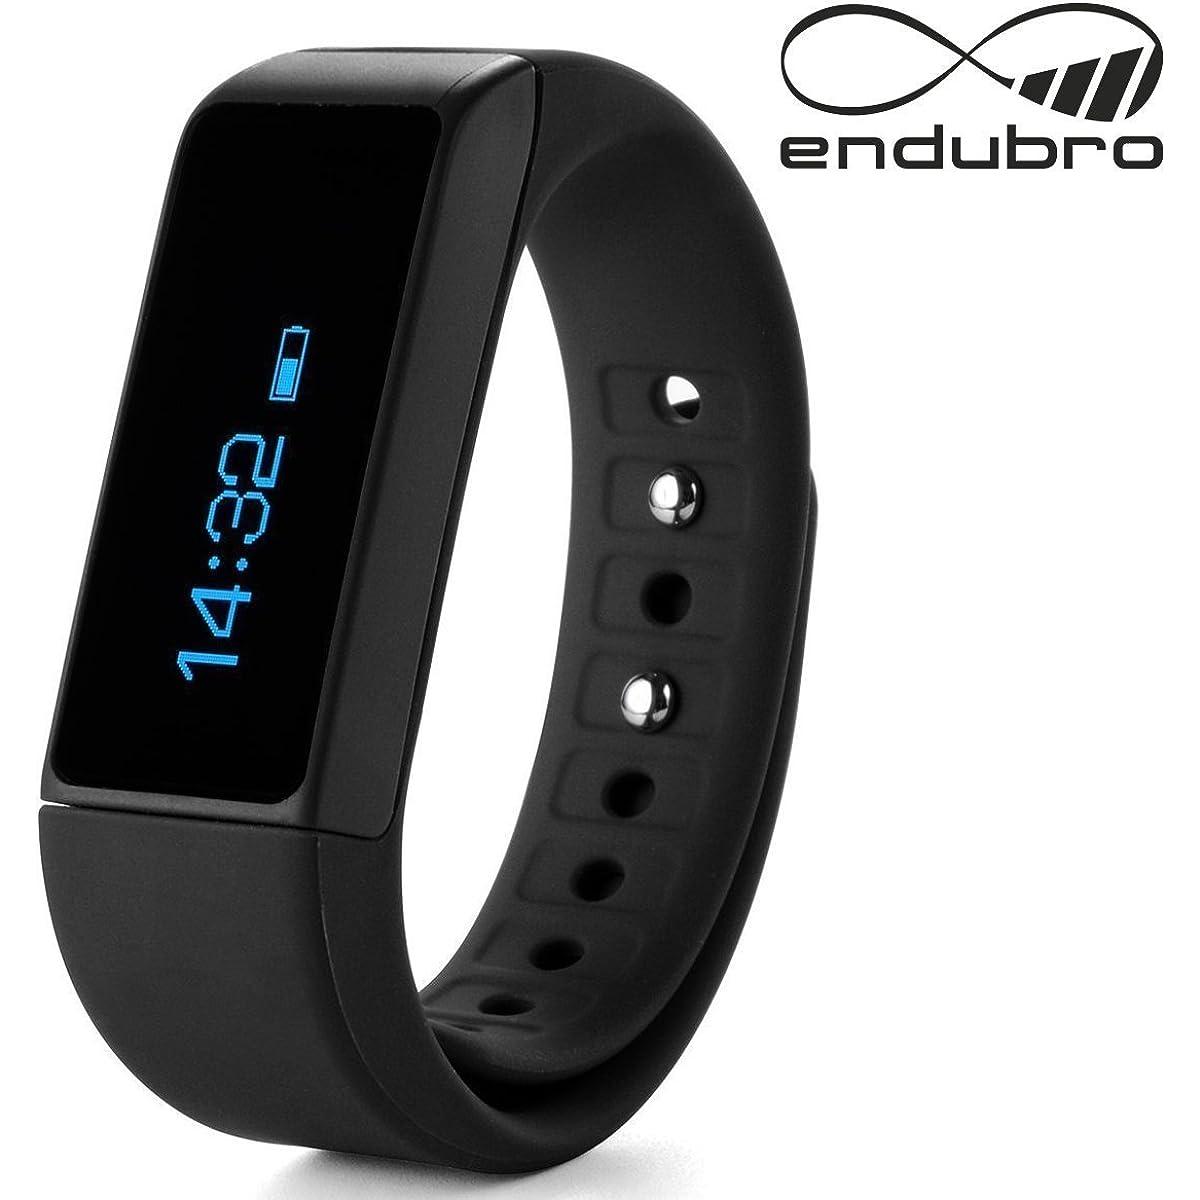 In Kombination mit einer <a href='https://www.warenvergleich.de/service/uhren/'>Uhren</a>-Funktion (z.B. beim Fitness-Armband von endubro) sind Schrittzähler besonders beliebt.